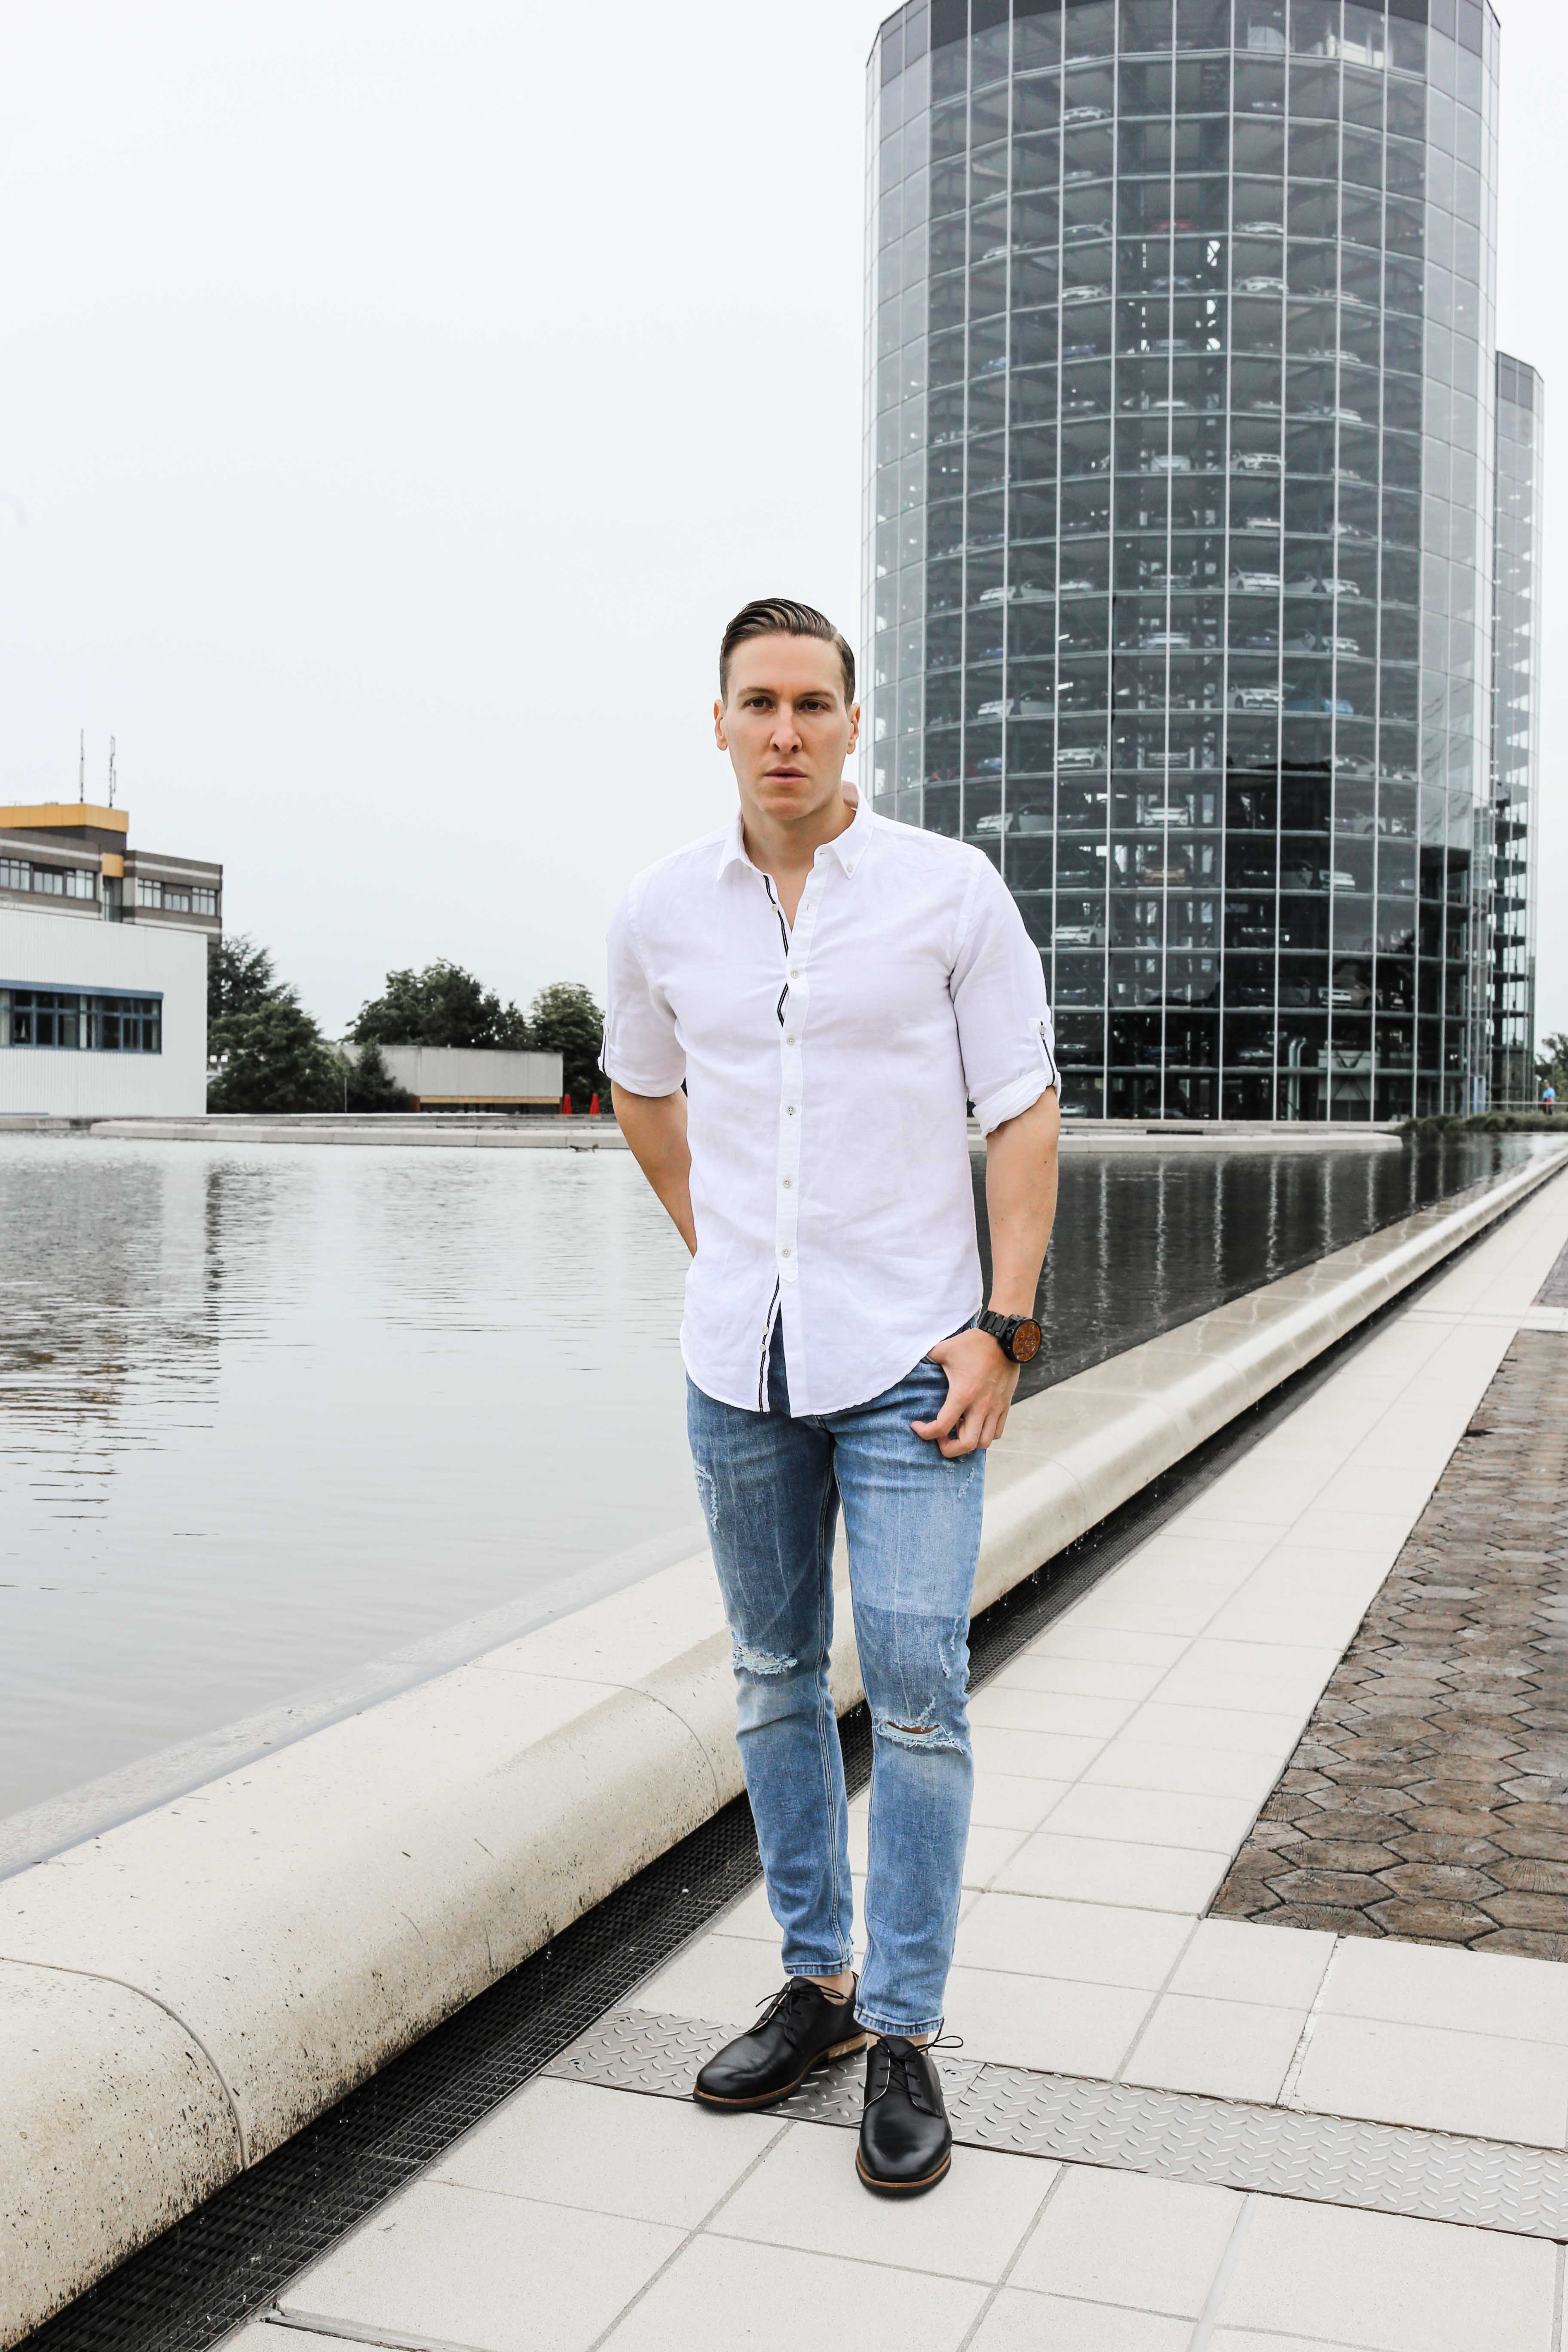 sommer-look-weißes-leinenhemd-ripped-blue-jeans-freizeit-lederschuhe-modeblog-männerblog_0310